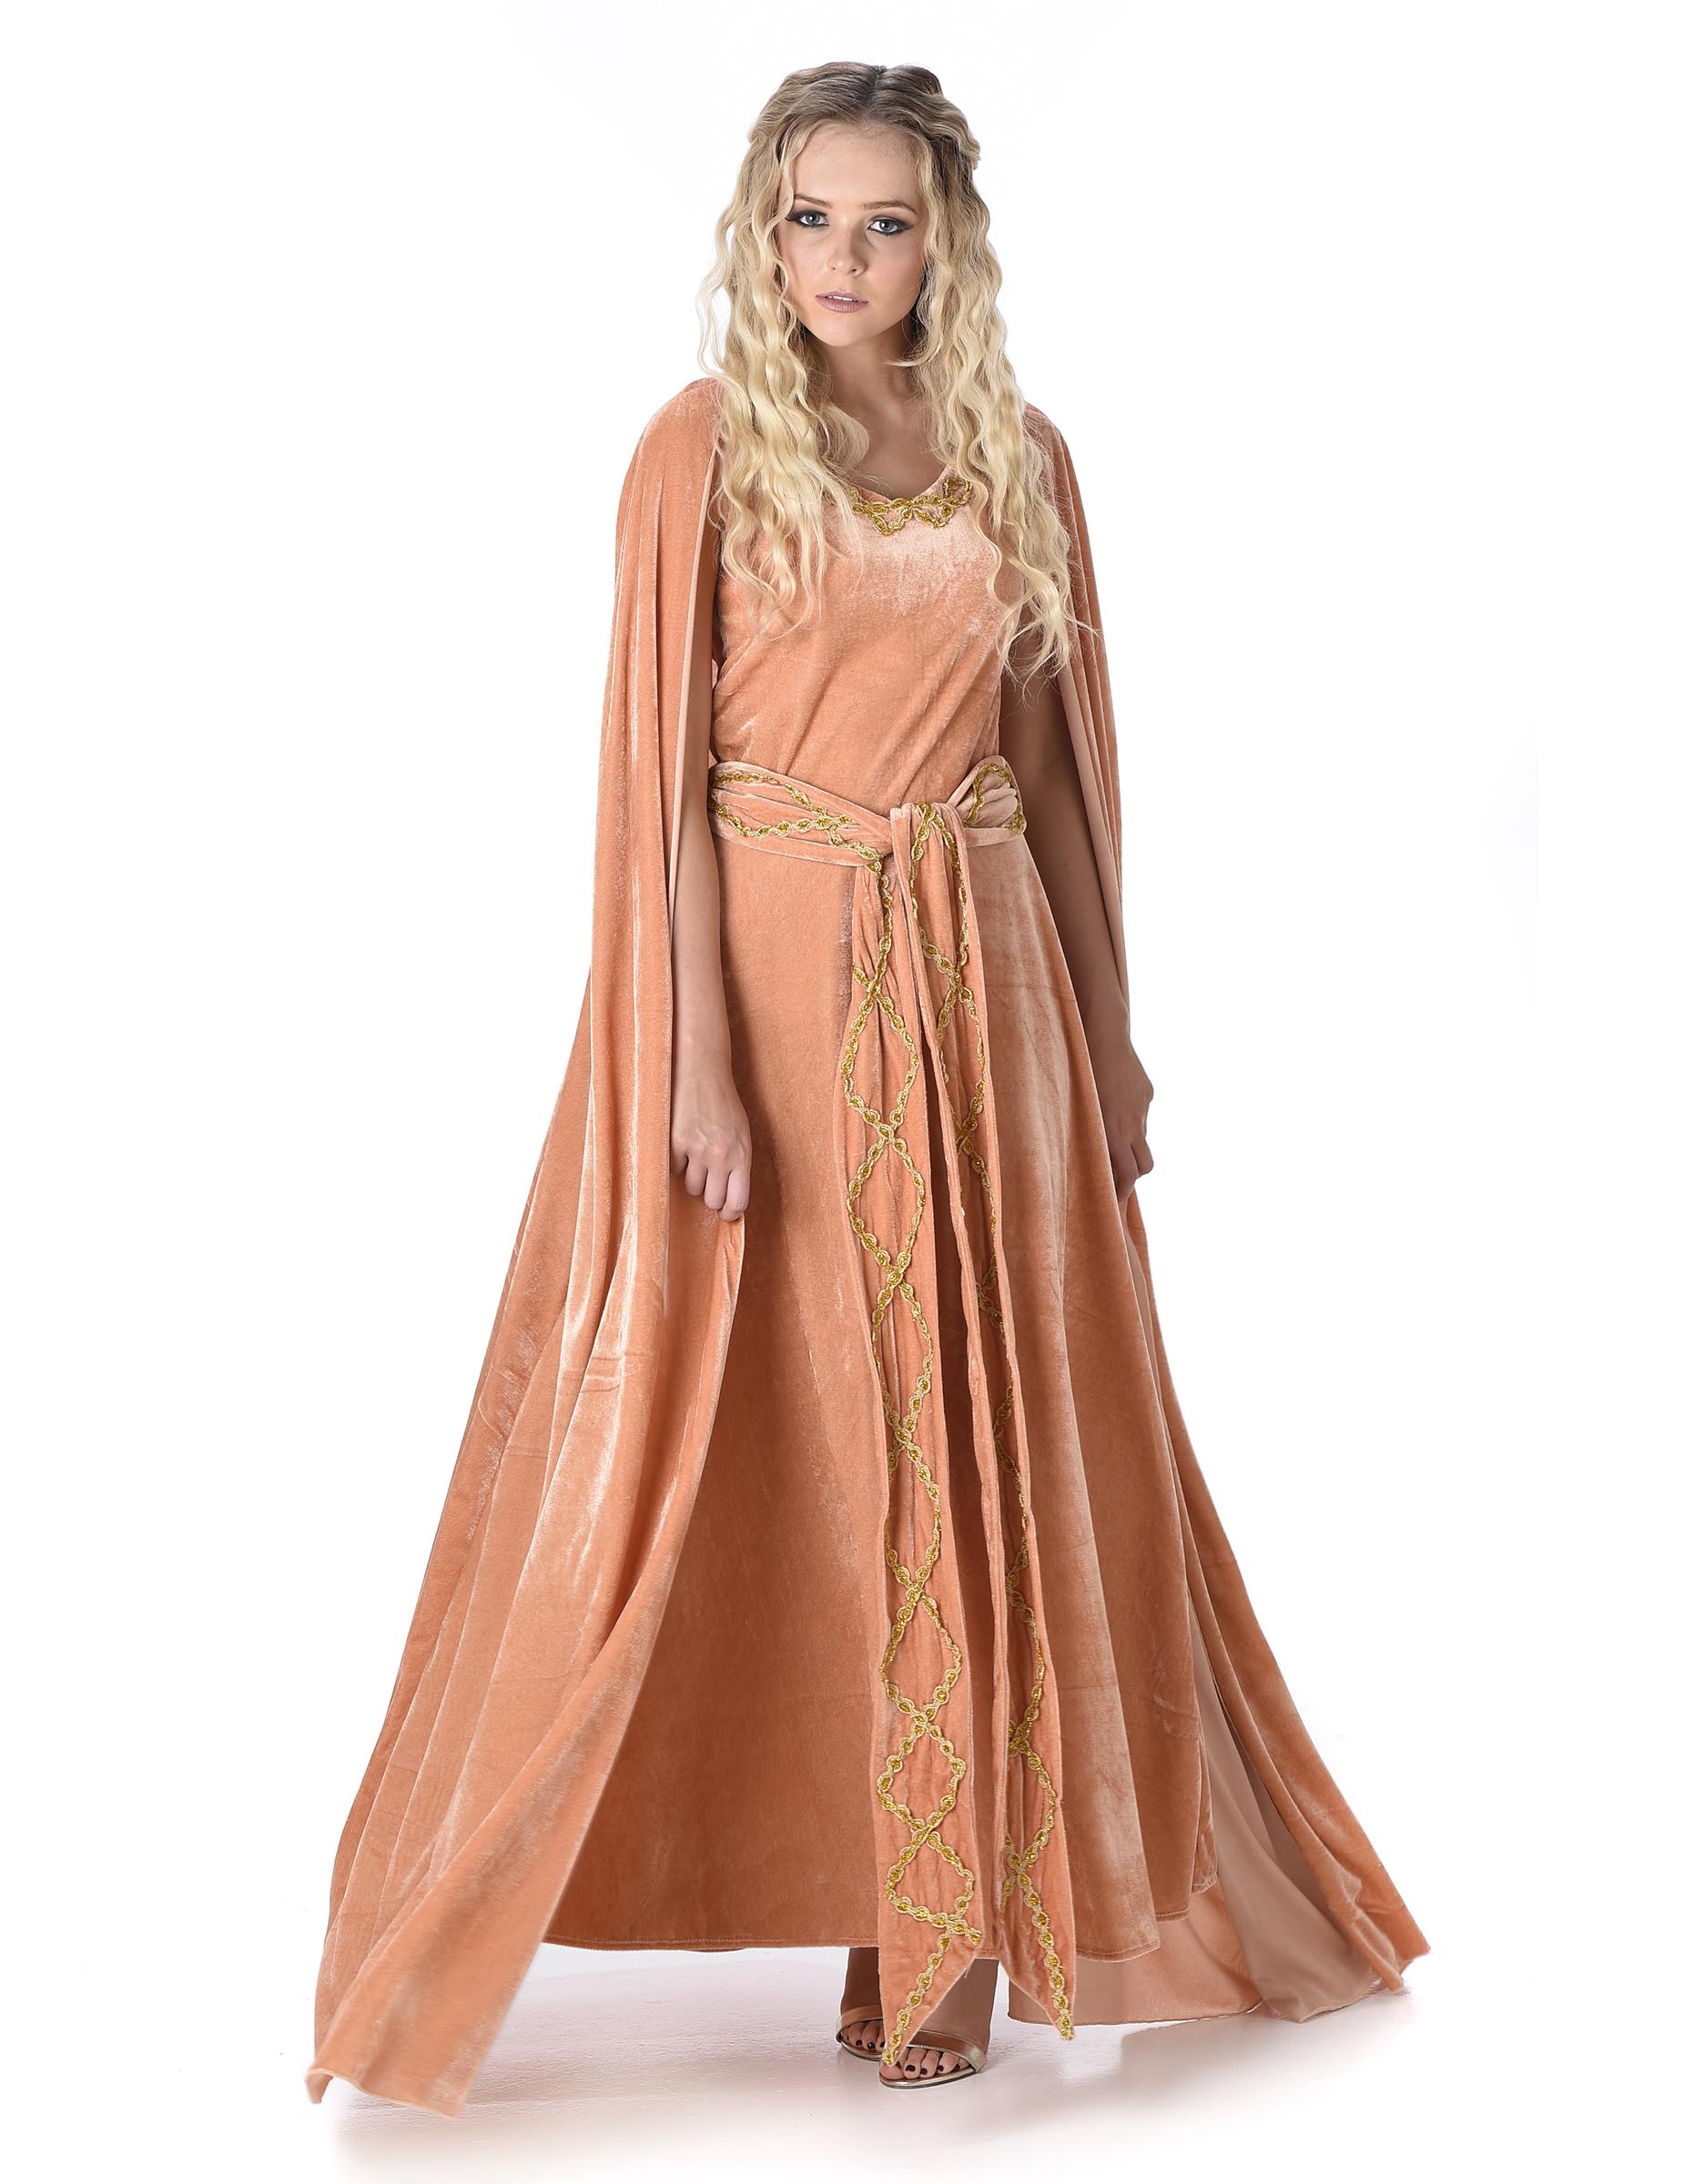 d guisement princesse viking femme deguise toi achat de d guisements adultes. Black Bedroom Furniture Sets. Home Design Ideas